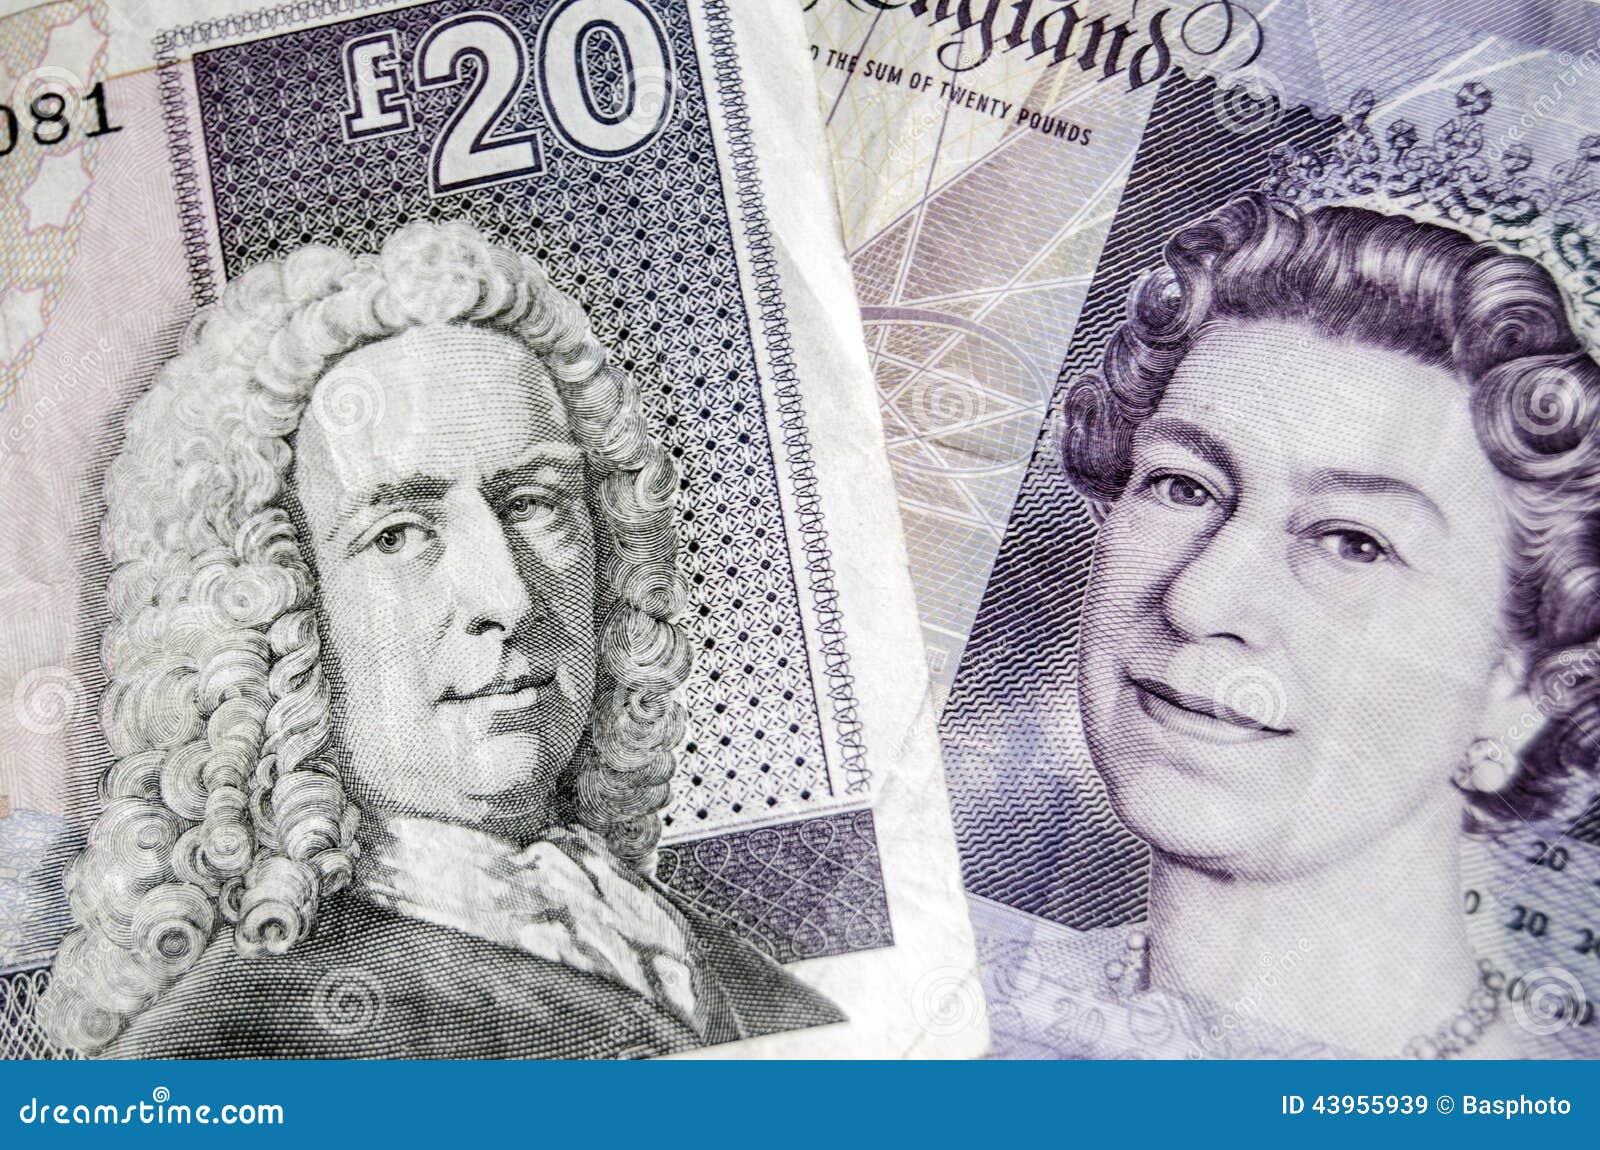 Os detalhes de uma nota de vinte libras emitiram por Royal Bank de Escócia e de uma nota para vinte libras produzidas pelo Banco da Inglaterra O referendo ... - c%25C3%25A9dulas-escocesas-e-inglesas-43955939